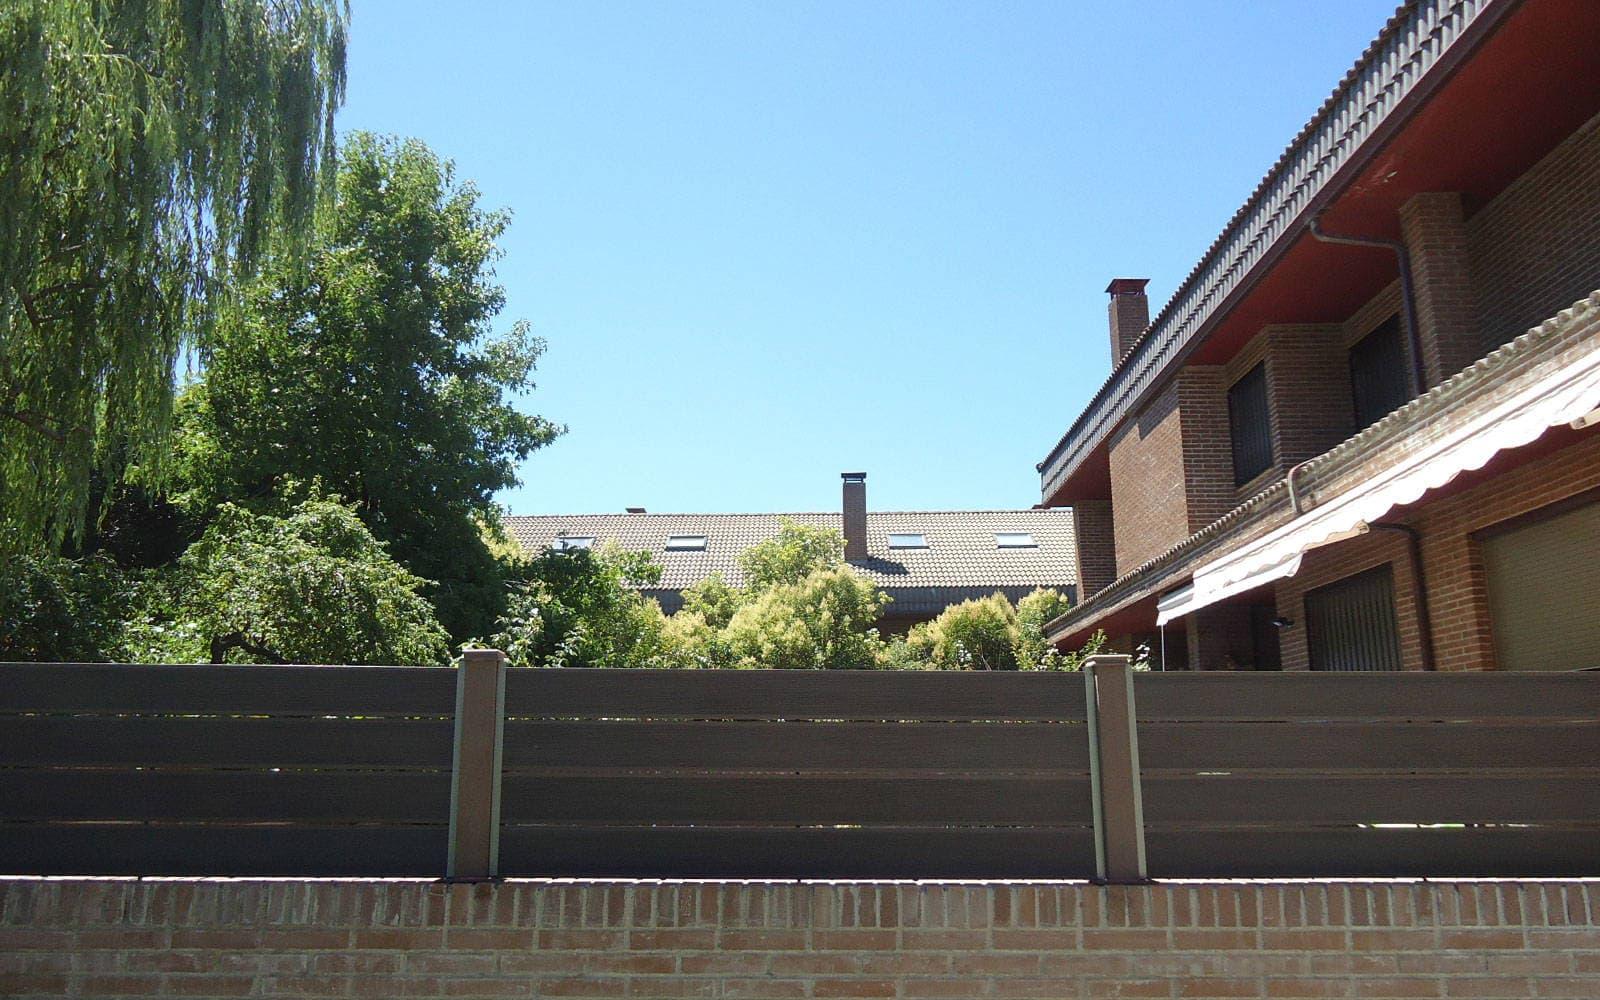 Vallado jardin y cerramientos en madera sint tica - Vallado de parcelas ...